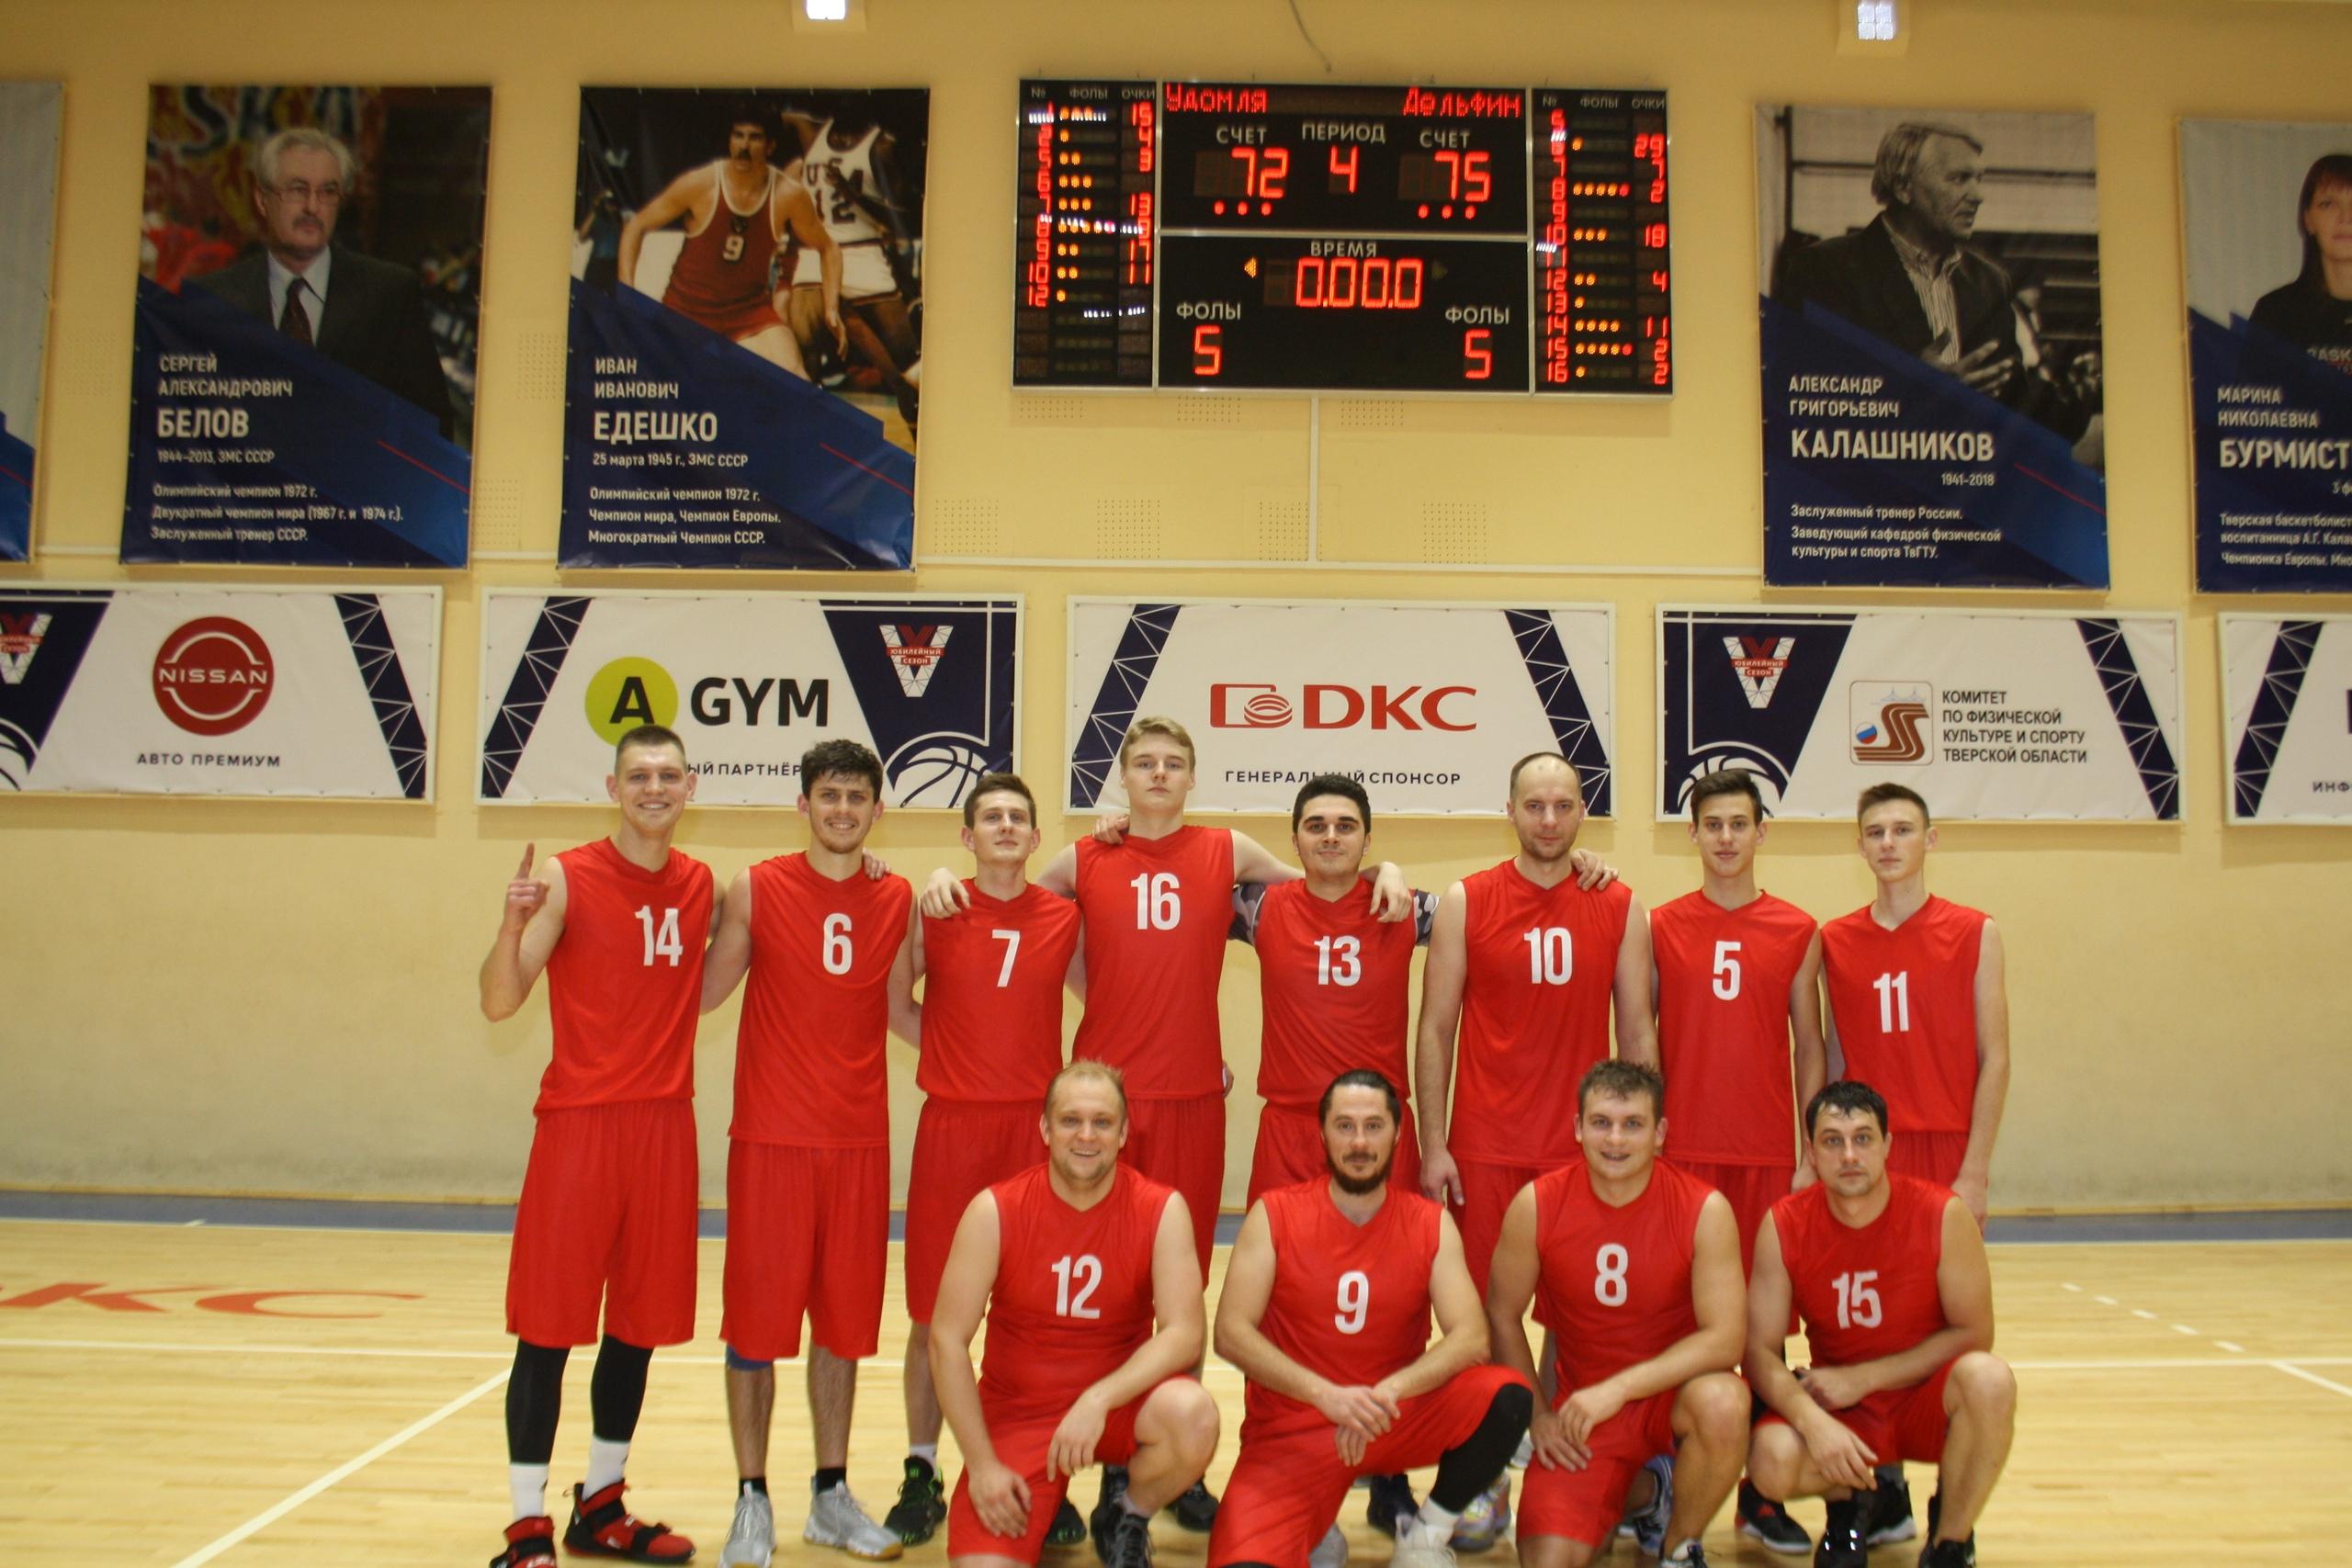 Ржевские баскетболисты успешно стартовали на кубке Тверской области